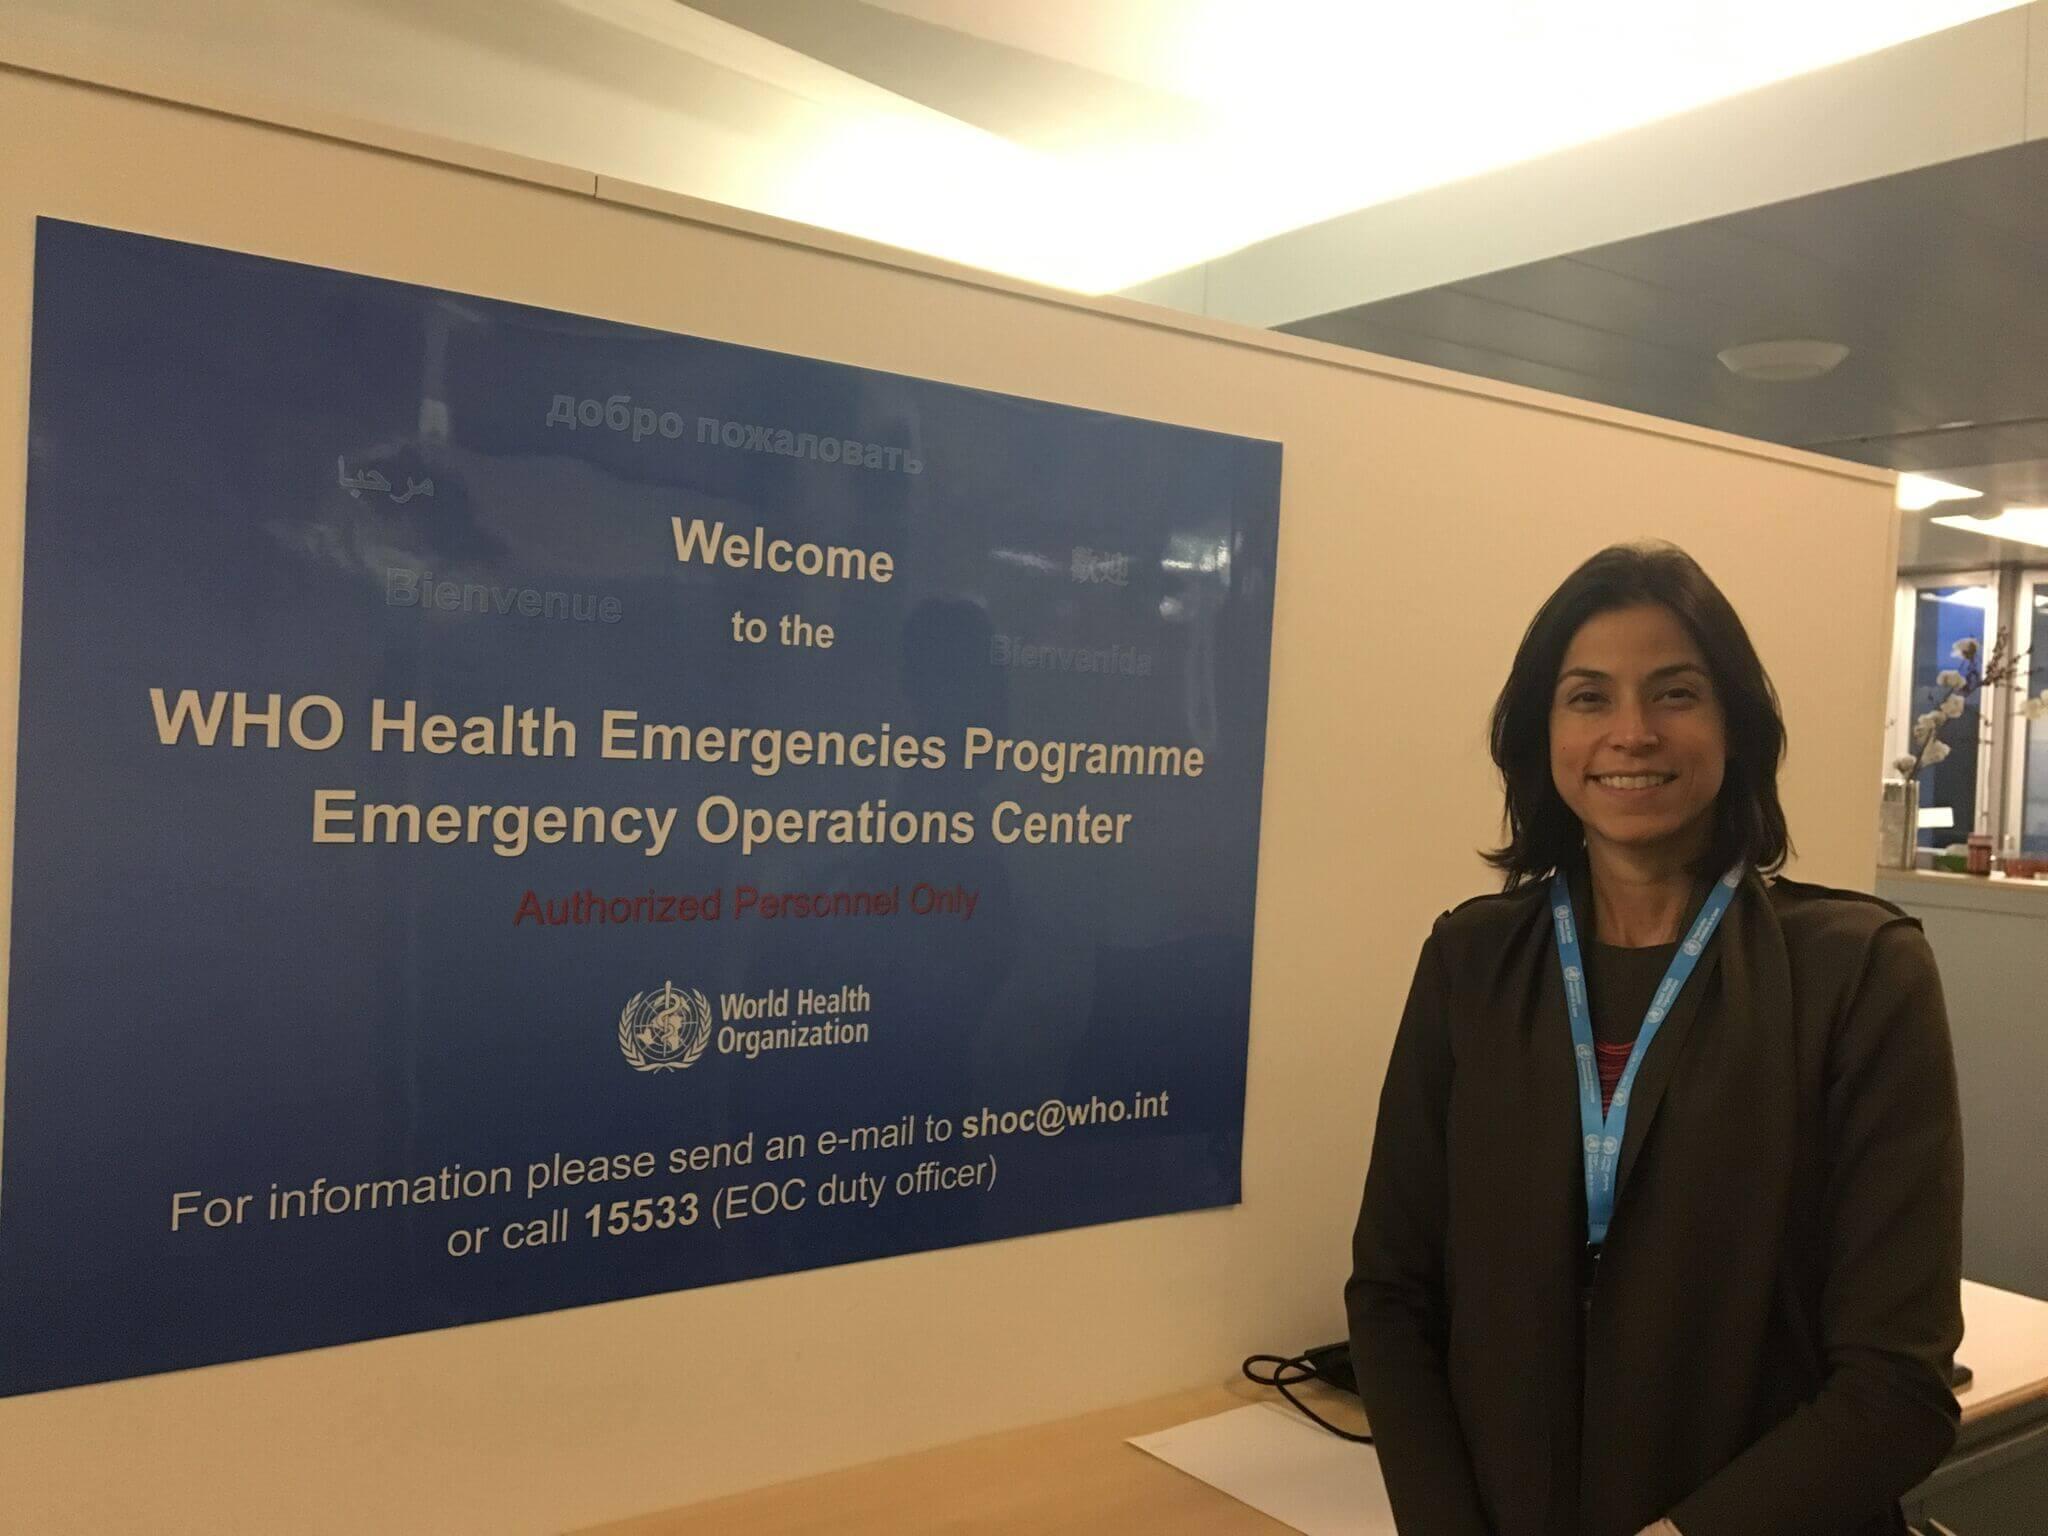 'Quero melhorar a saúde para todos'